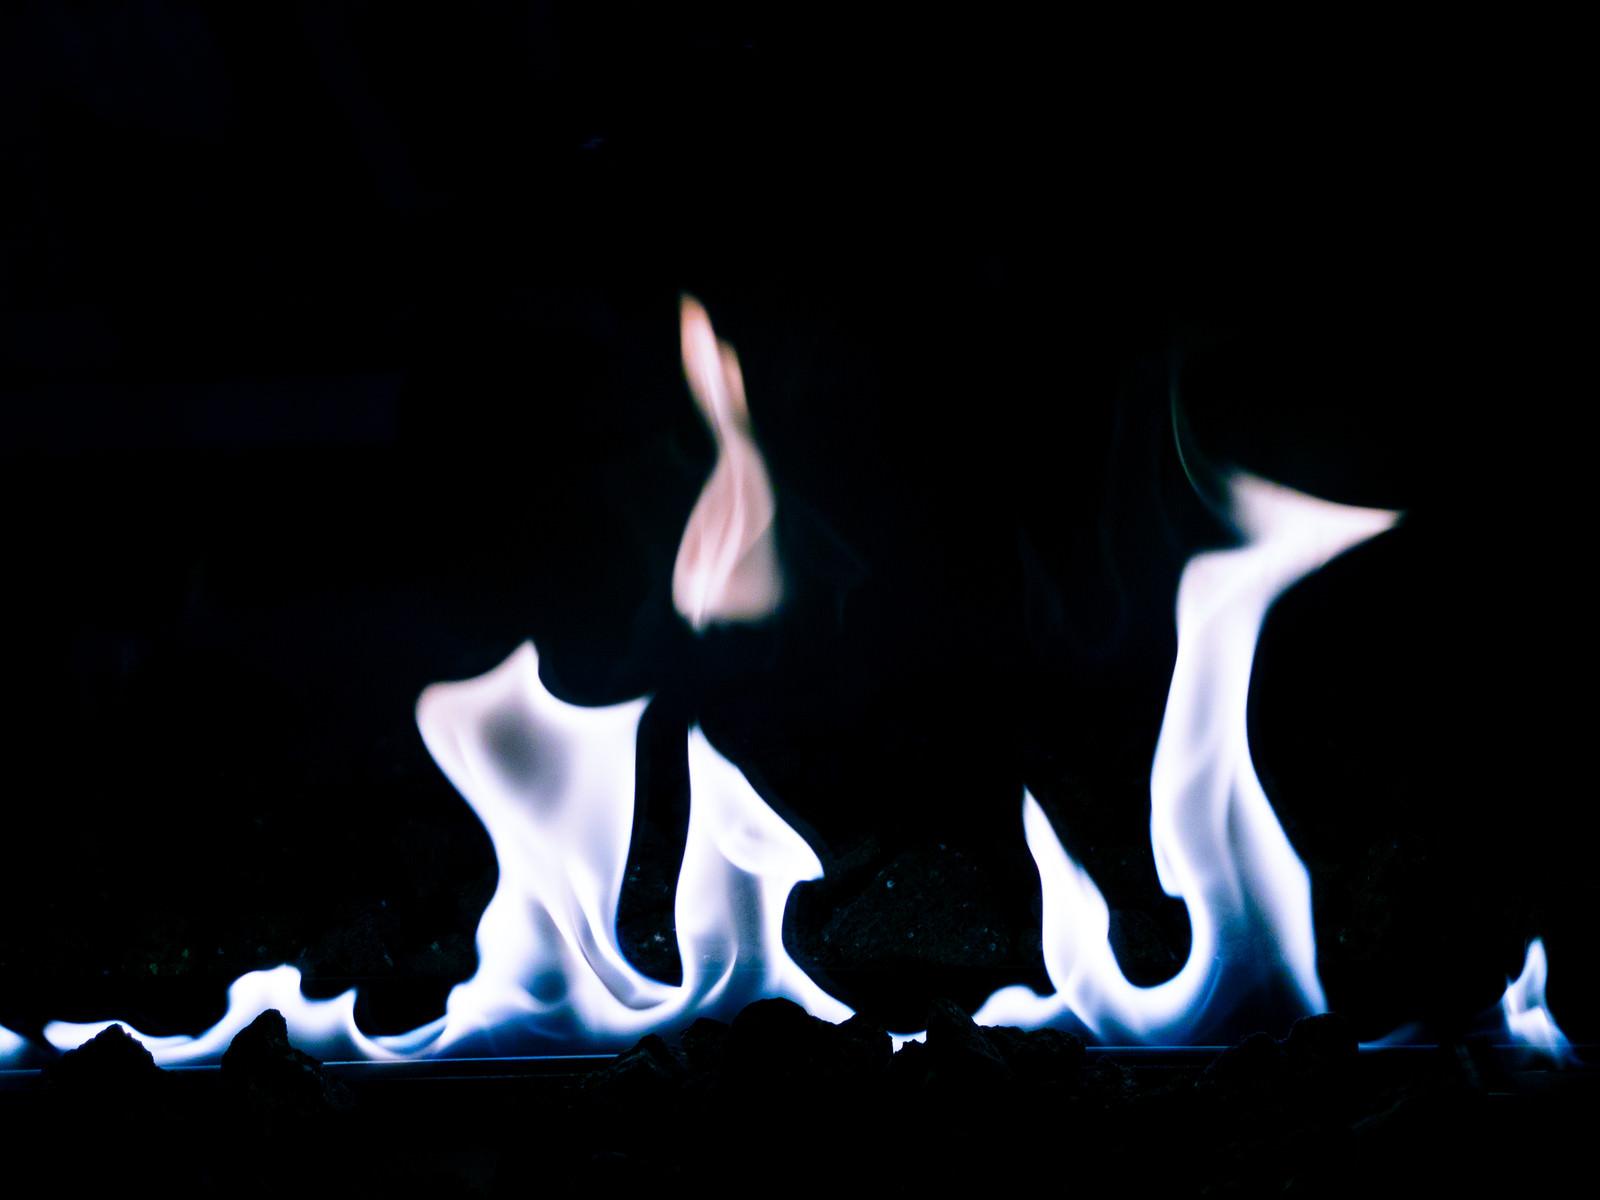 「メラメラ燃える青白い火」の写真